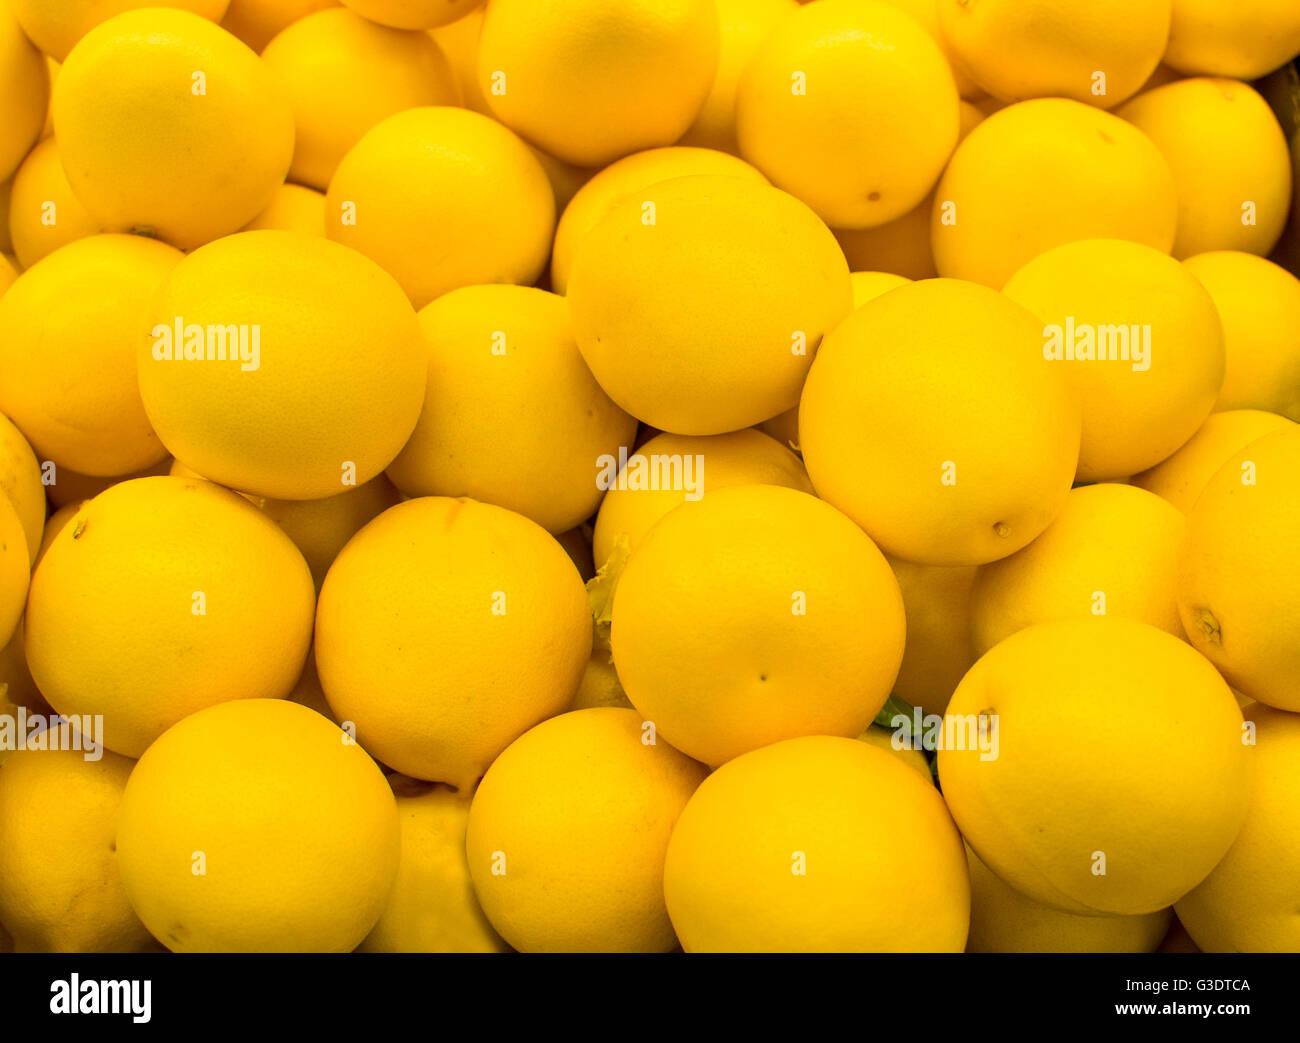 Limones amarillos texturas fondos Imagen De Stock